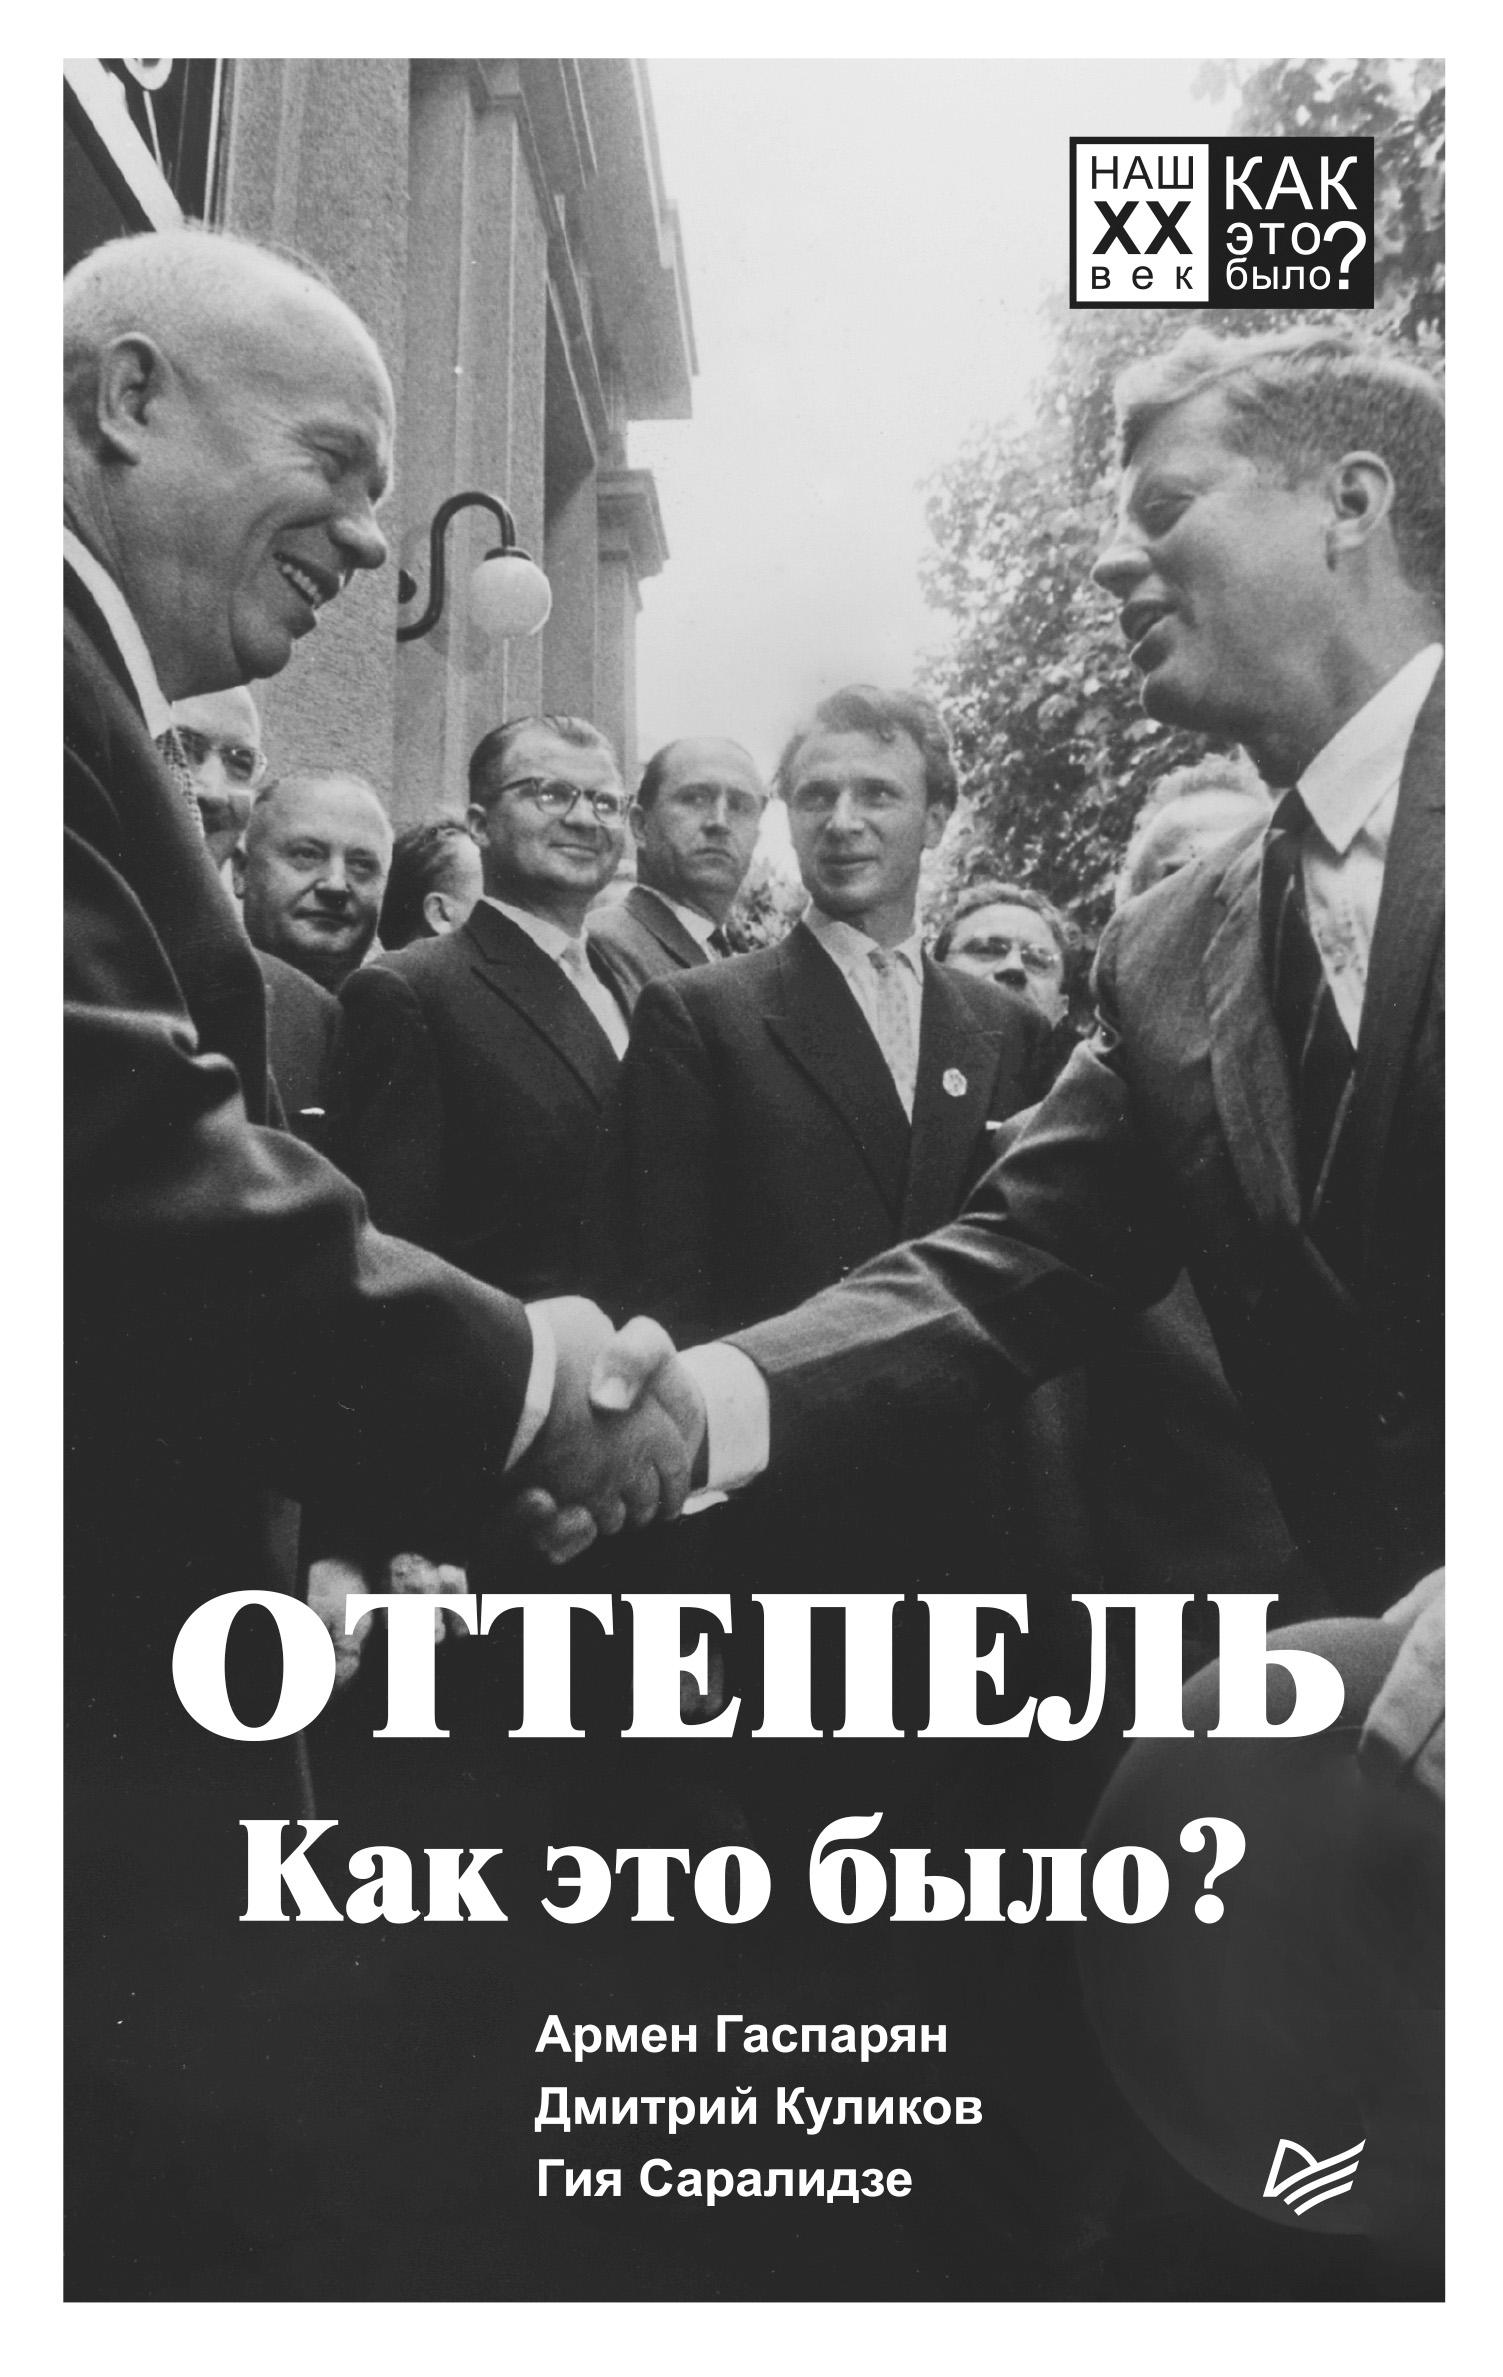 Армен Гаспарян Оттепель. Как это было? армен гаспарян вожди и лидеры как это было